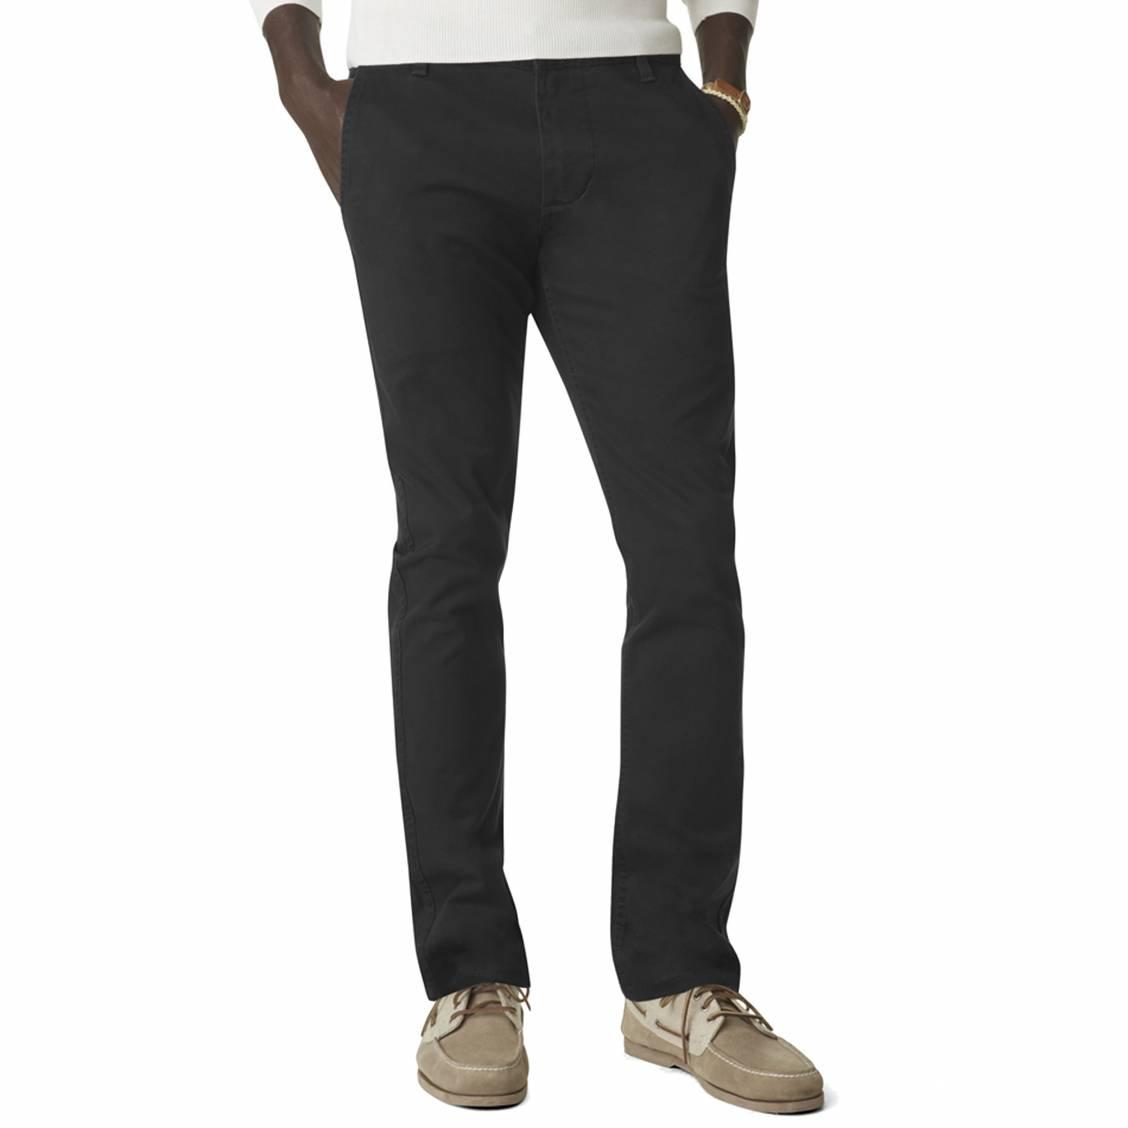 Pantalon alpha stretch khaki original skinny tapered  en sergé de coton noir